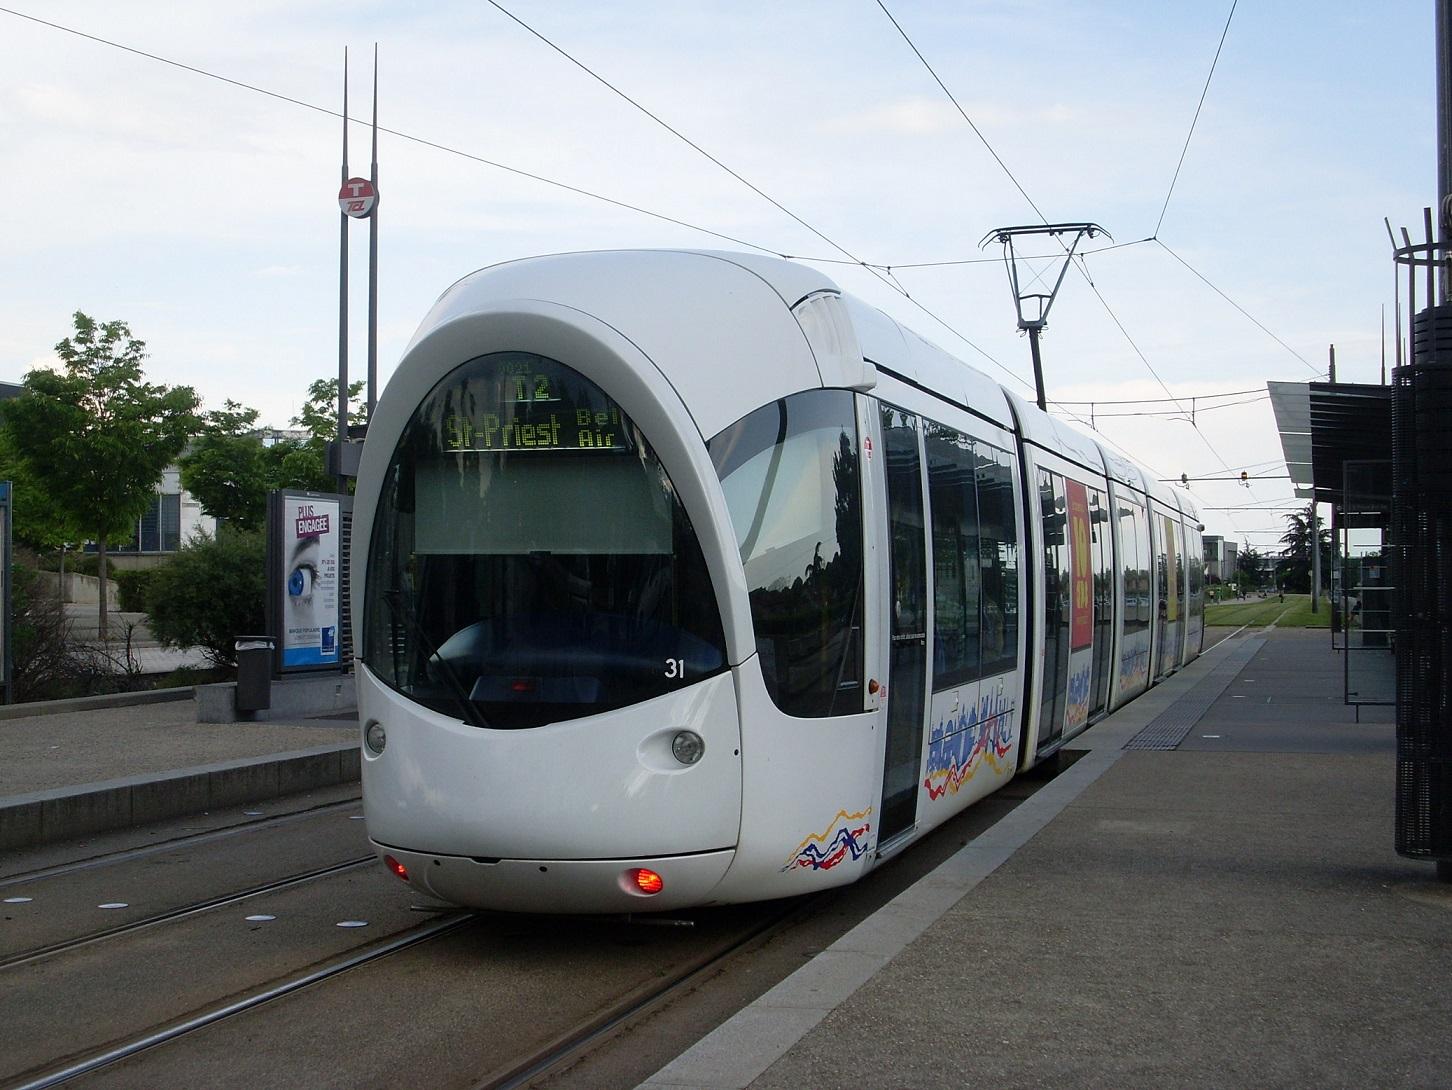 tramway t2 lyon en lignes. Black Bedroom Furniture Sets. Home Design Ideas